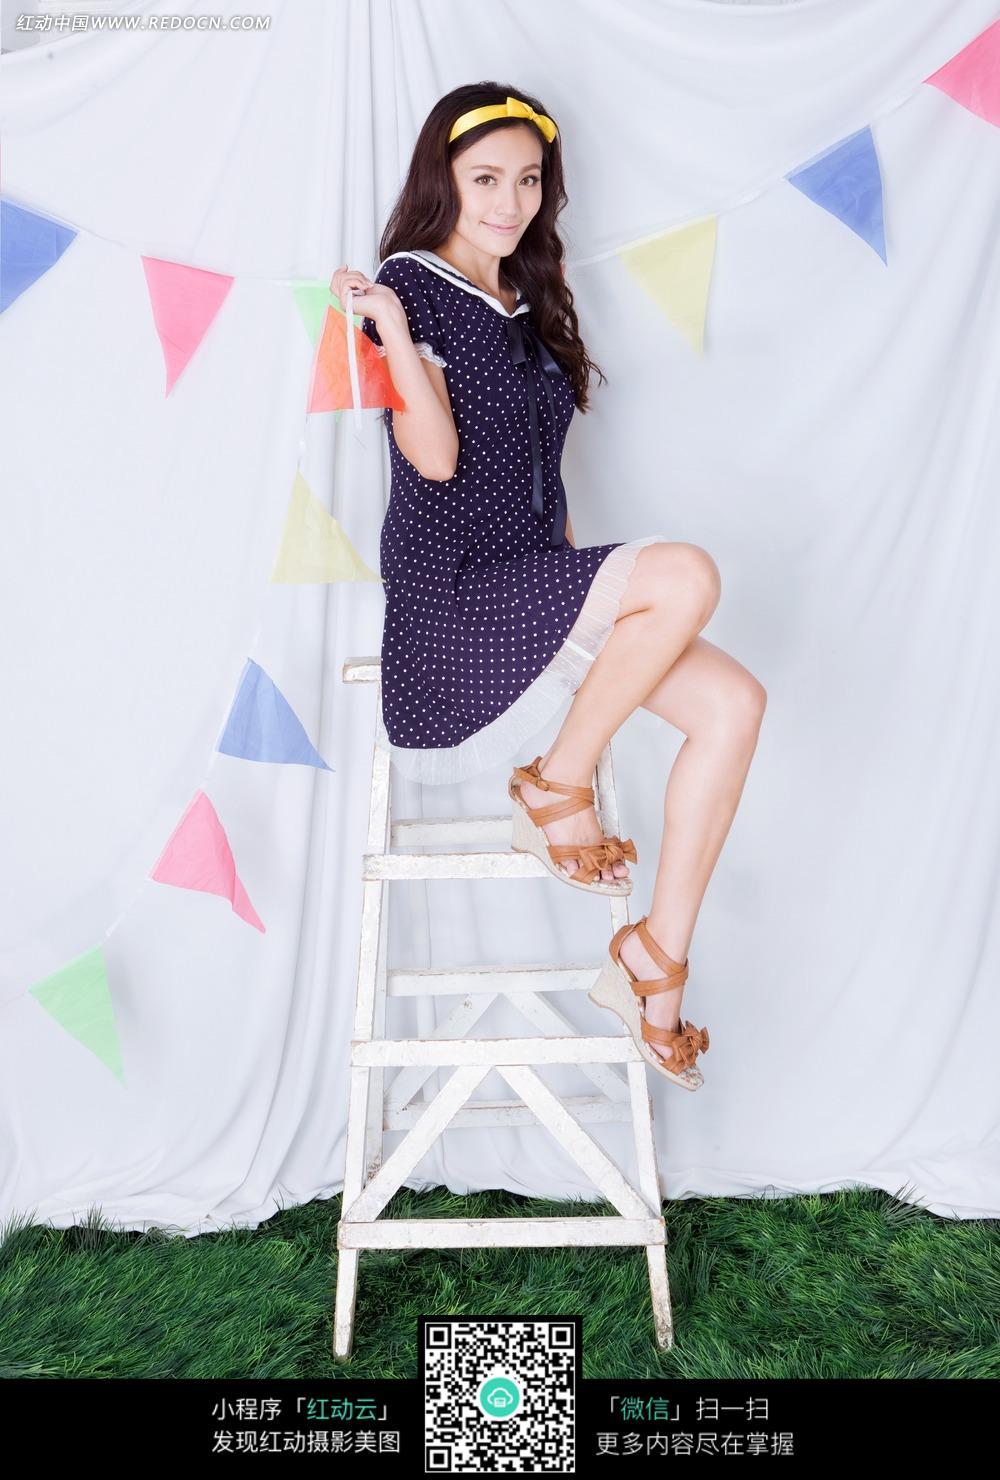 坐在梯子的长发美女图片